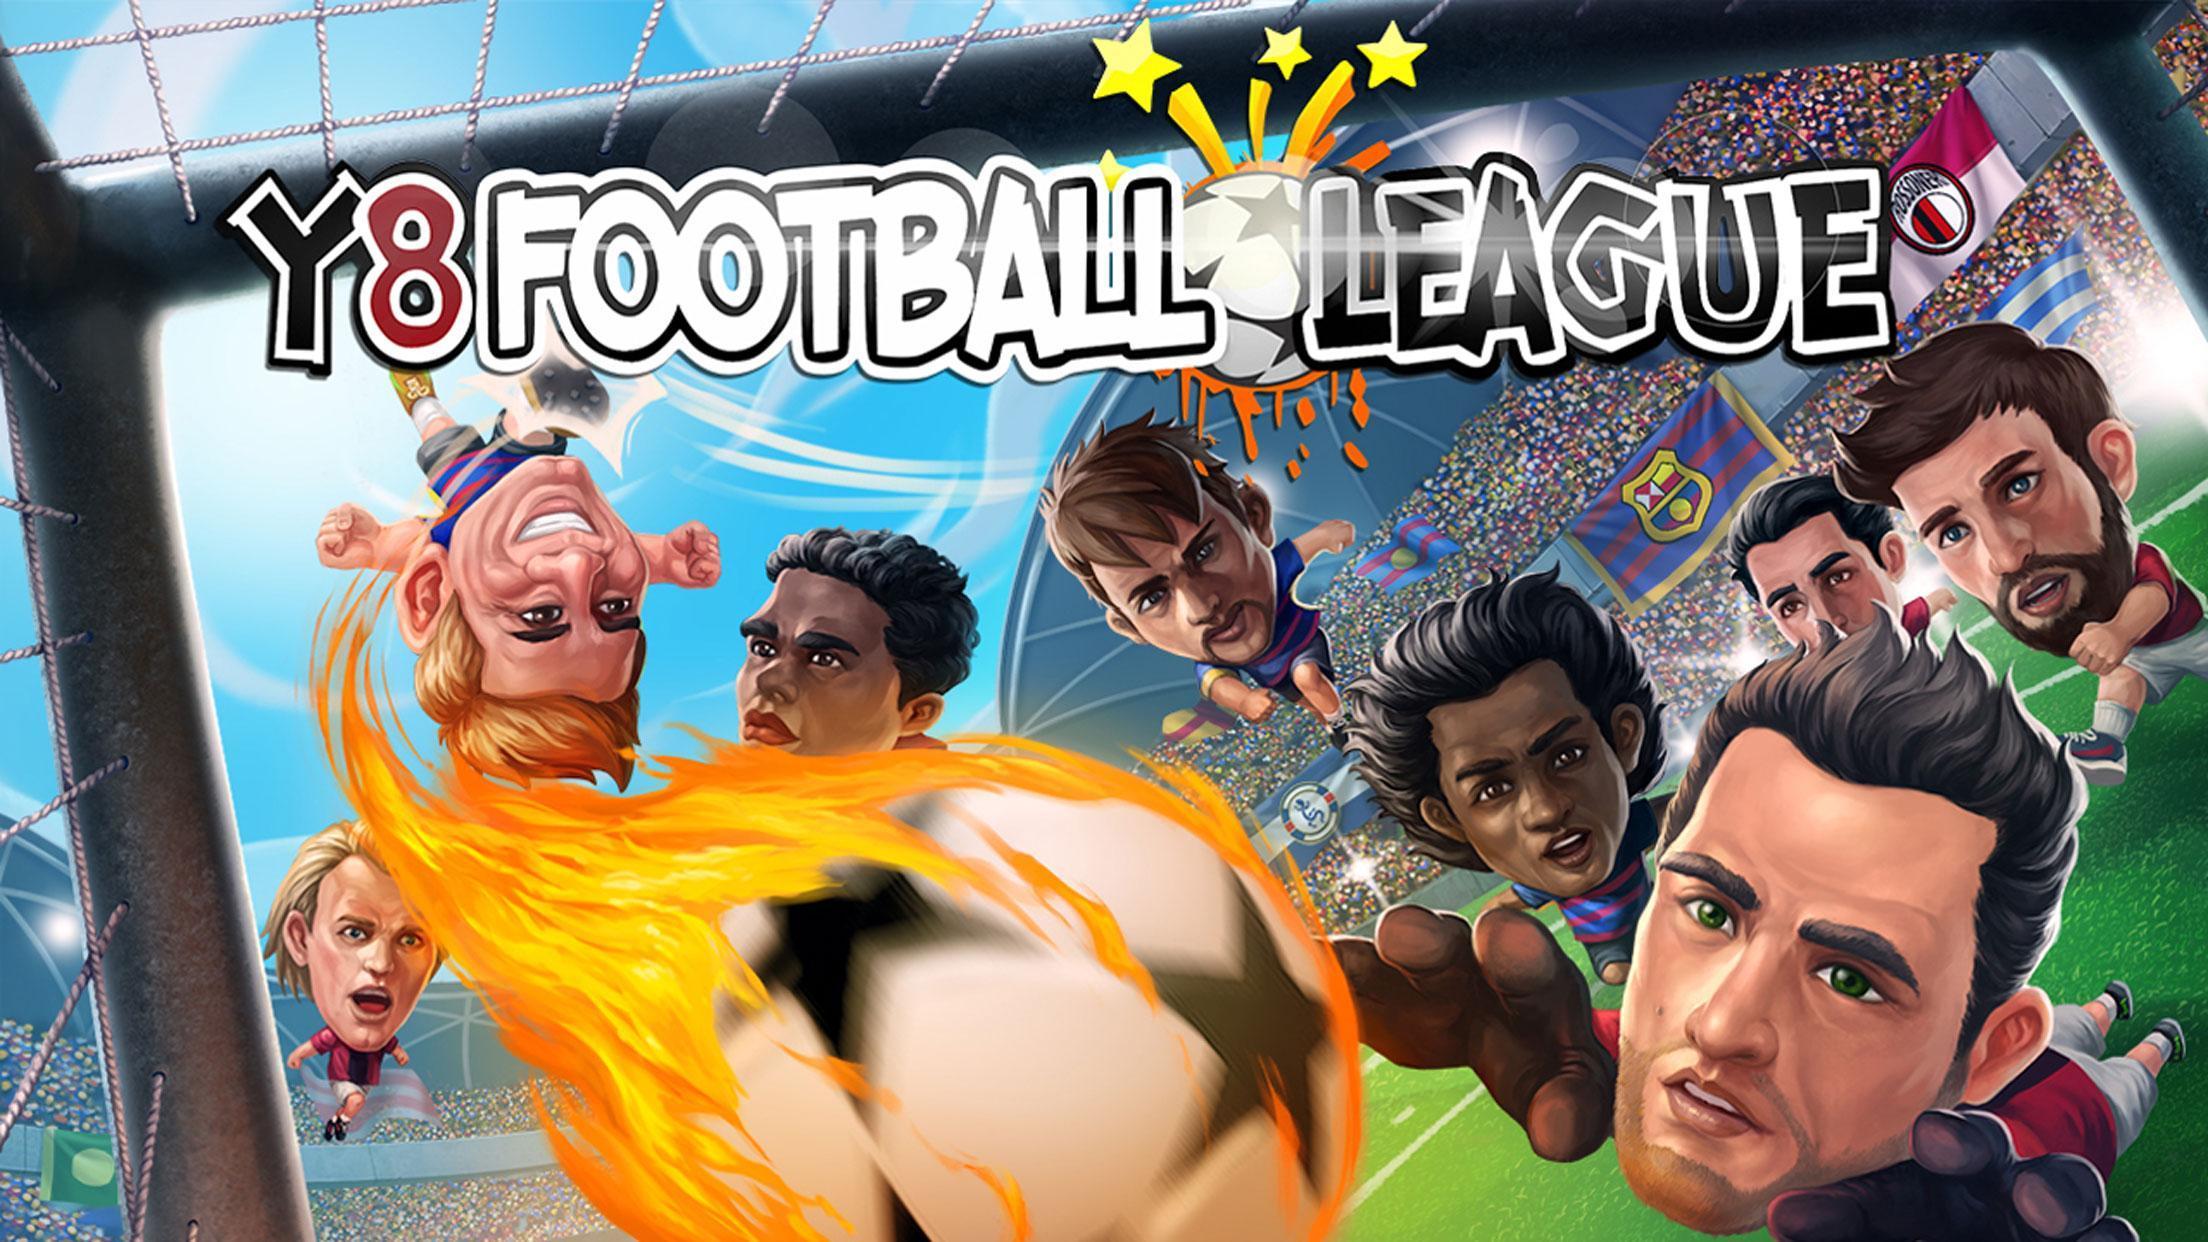 Y8 Football League Para Android Apk Baixar